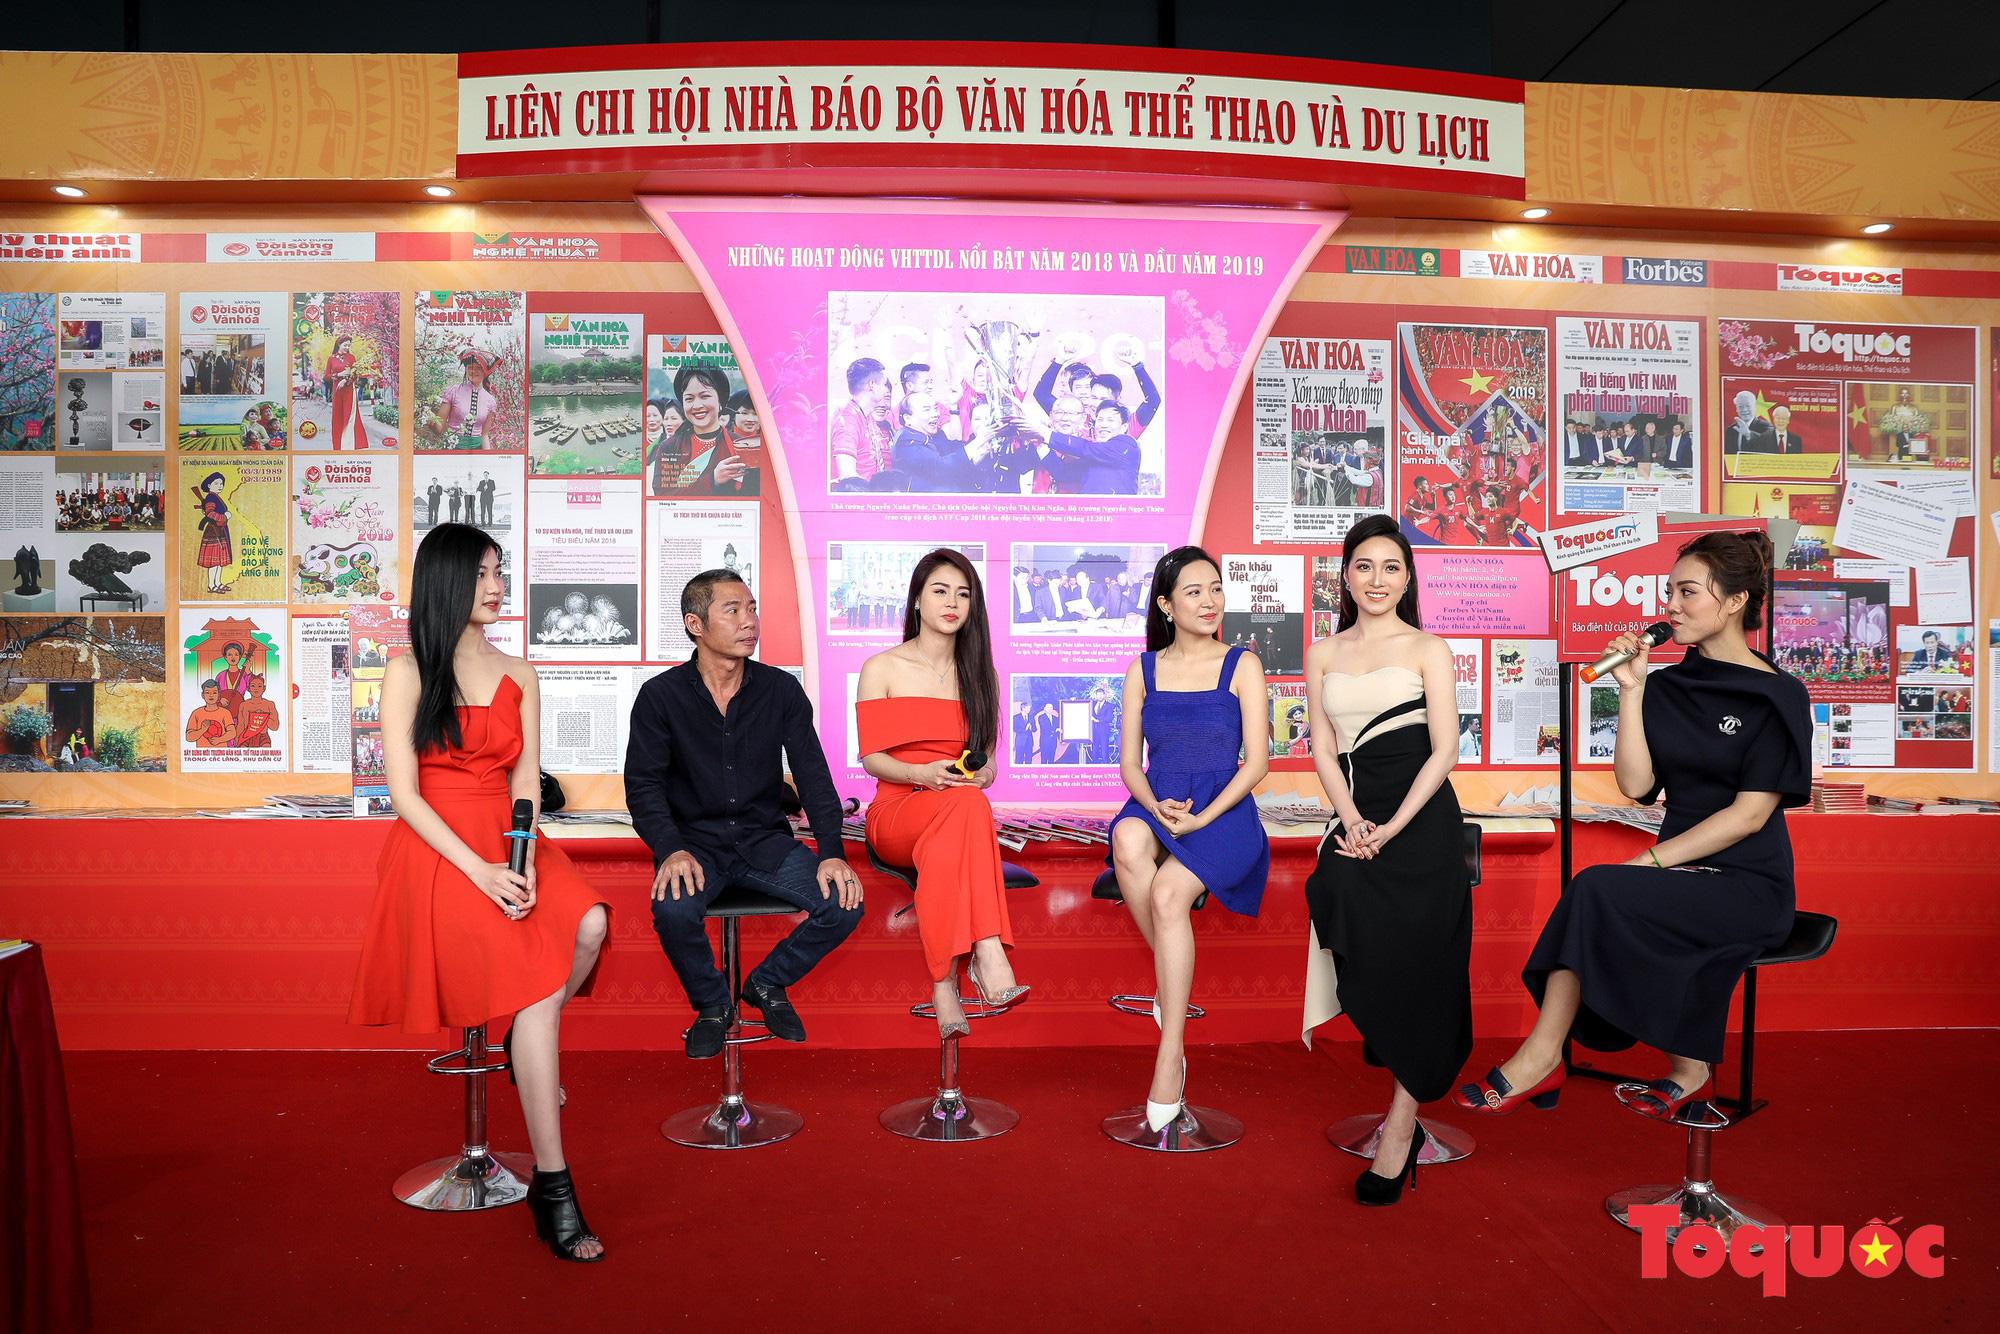 Ngắm nhìn Những cô gái trong thành phố nổi bật giữa Hội báo toàn quốc 2019 - Ảnh 10.